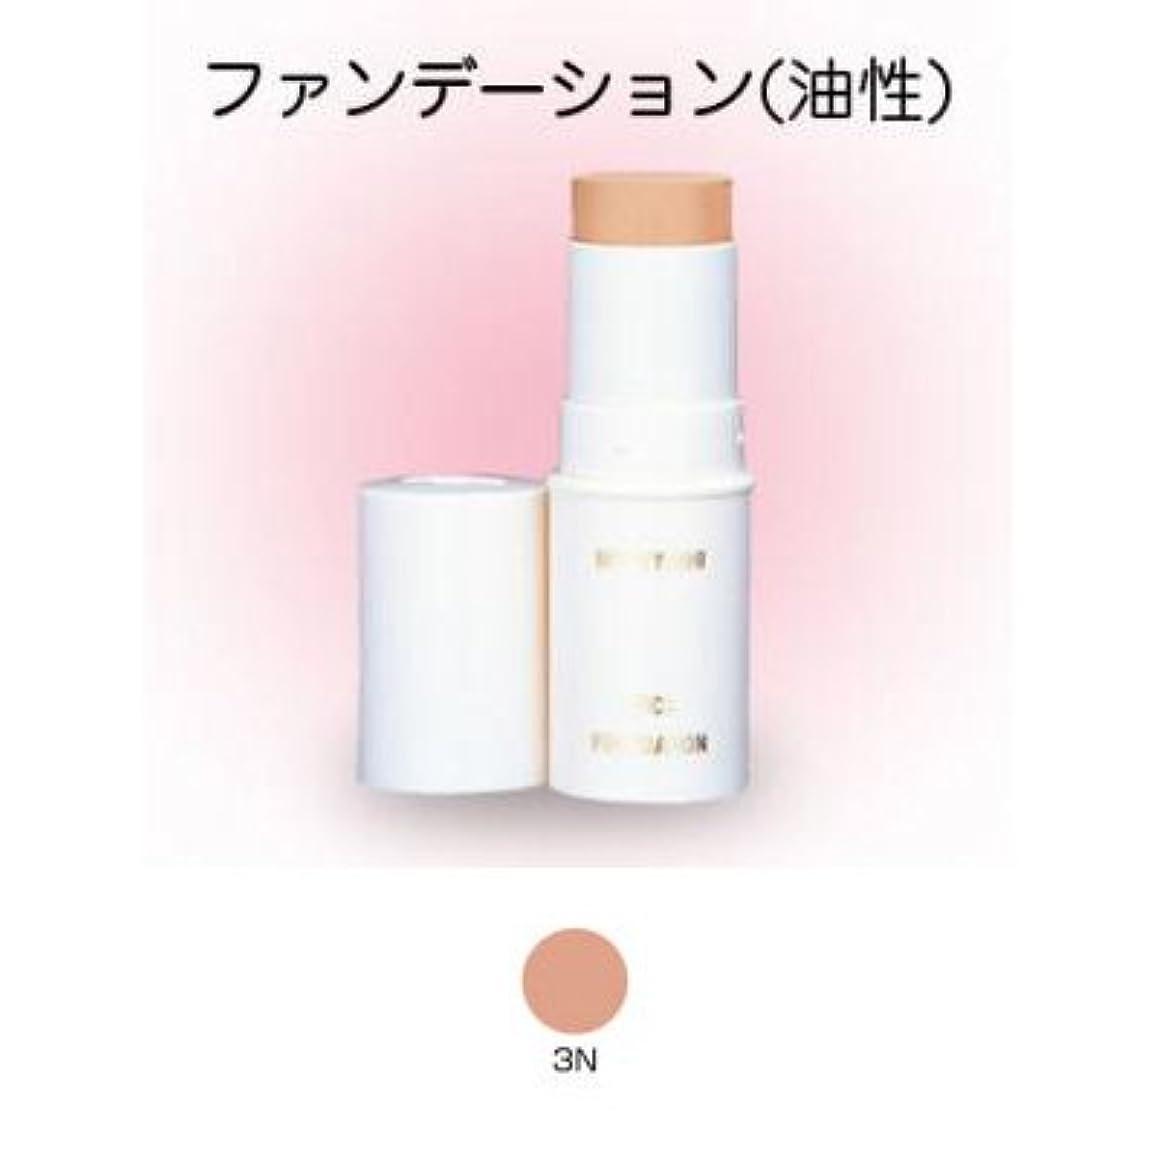 生き物ストレッチ陪審スティックファンデーション 16g 3N 【三善】